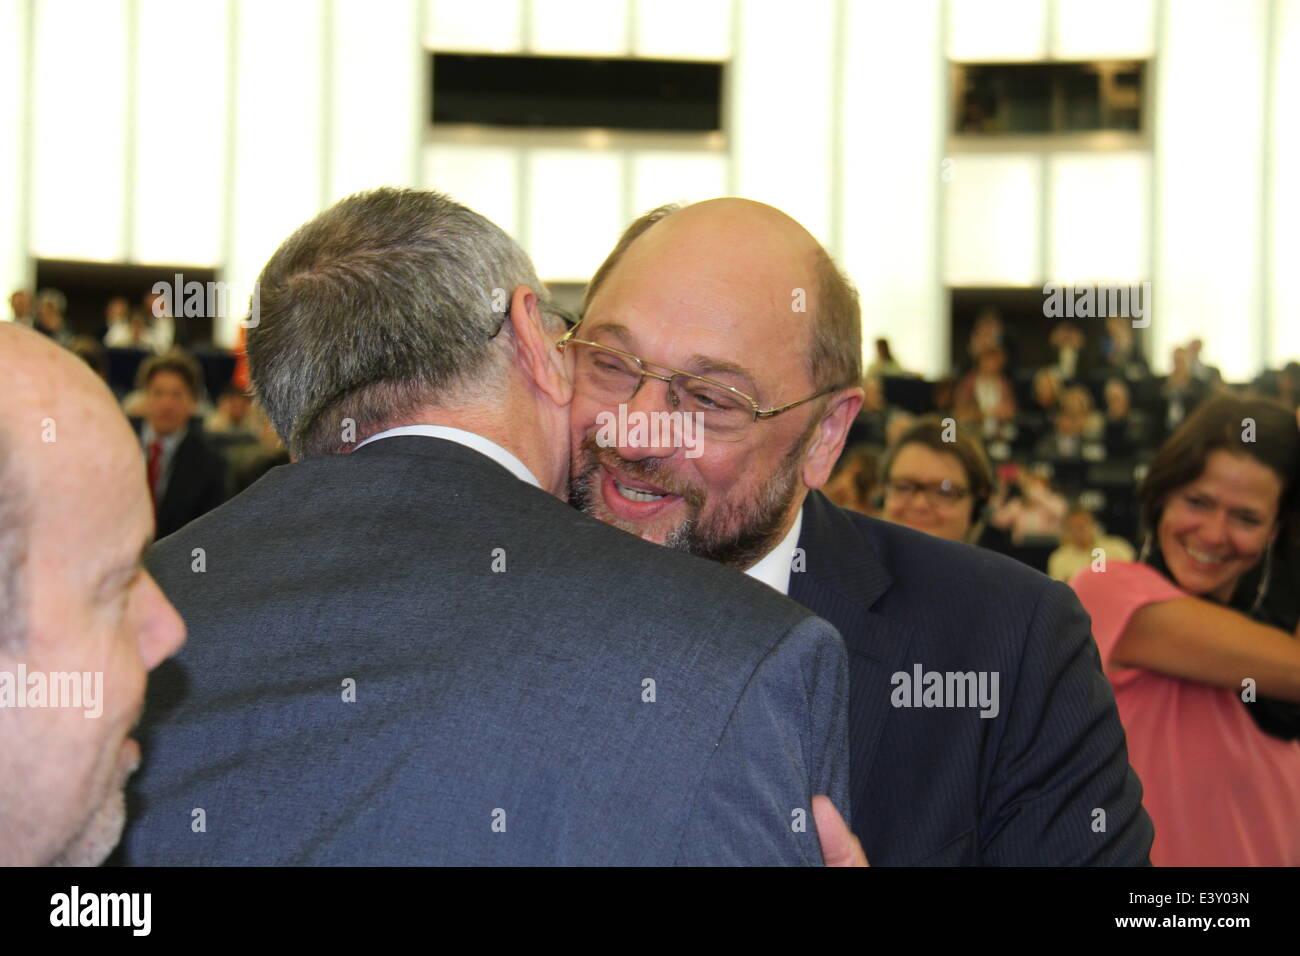 Strasburgo, Francia. 1 Luglio, 2014. Martin Schulz è congratulato con dopo aver vinto le elezioni del presidente Immagini Stock